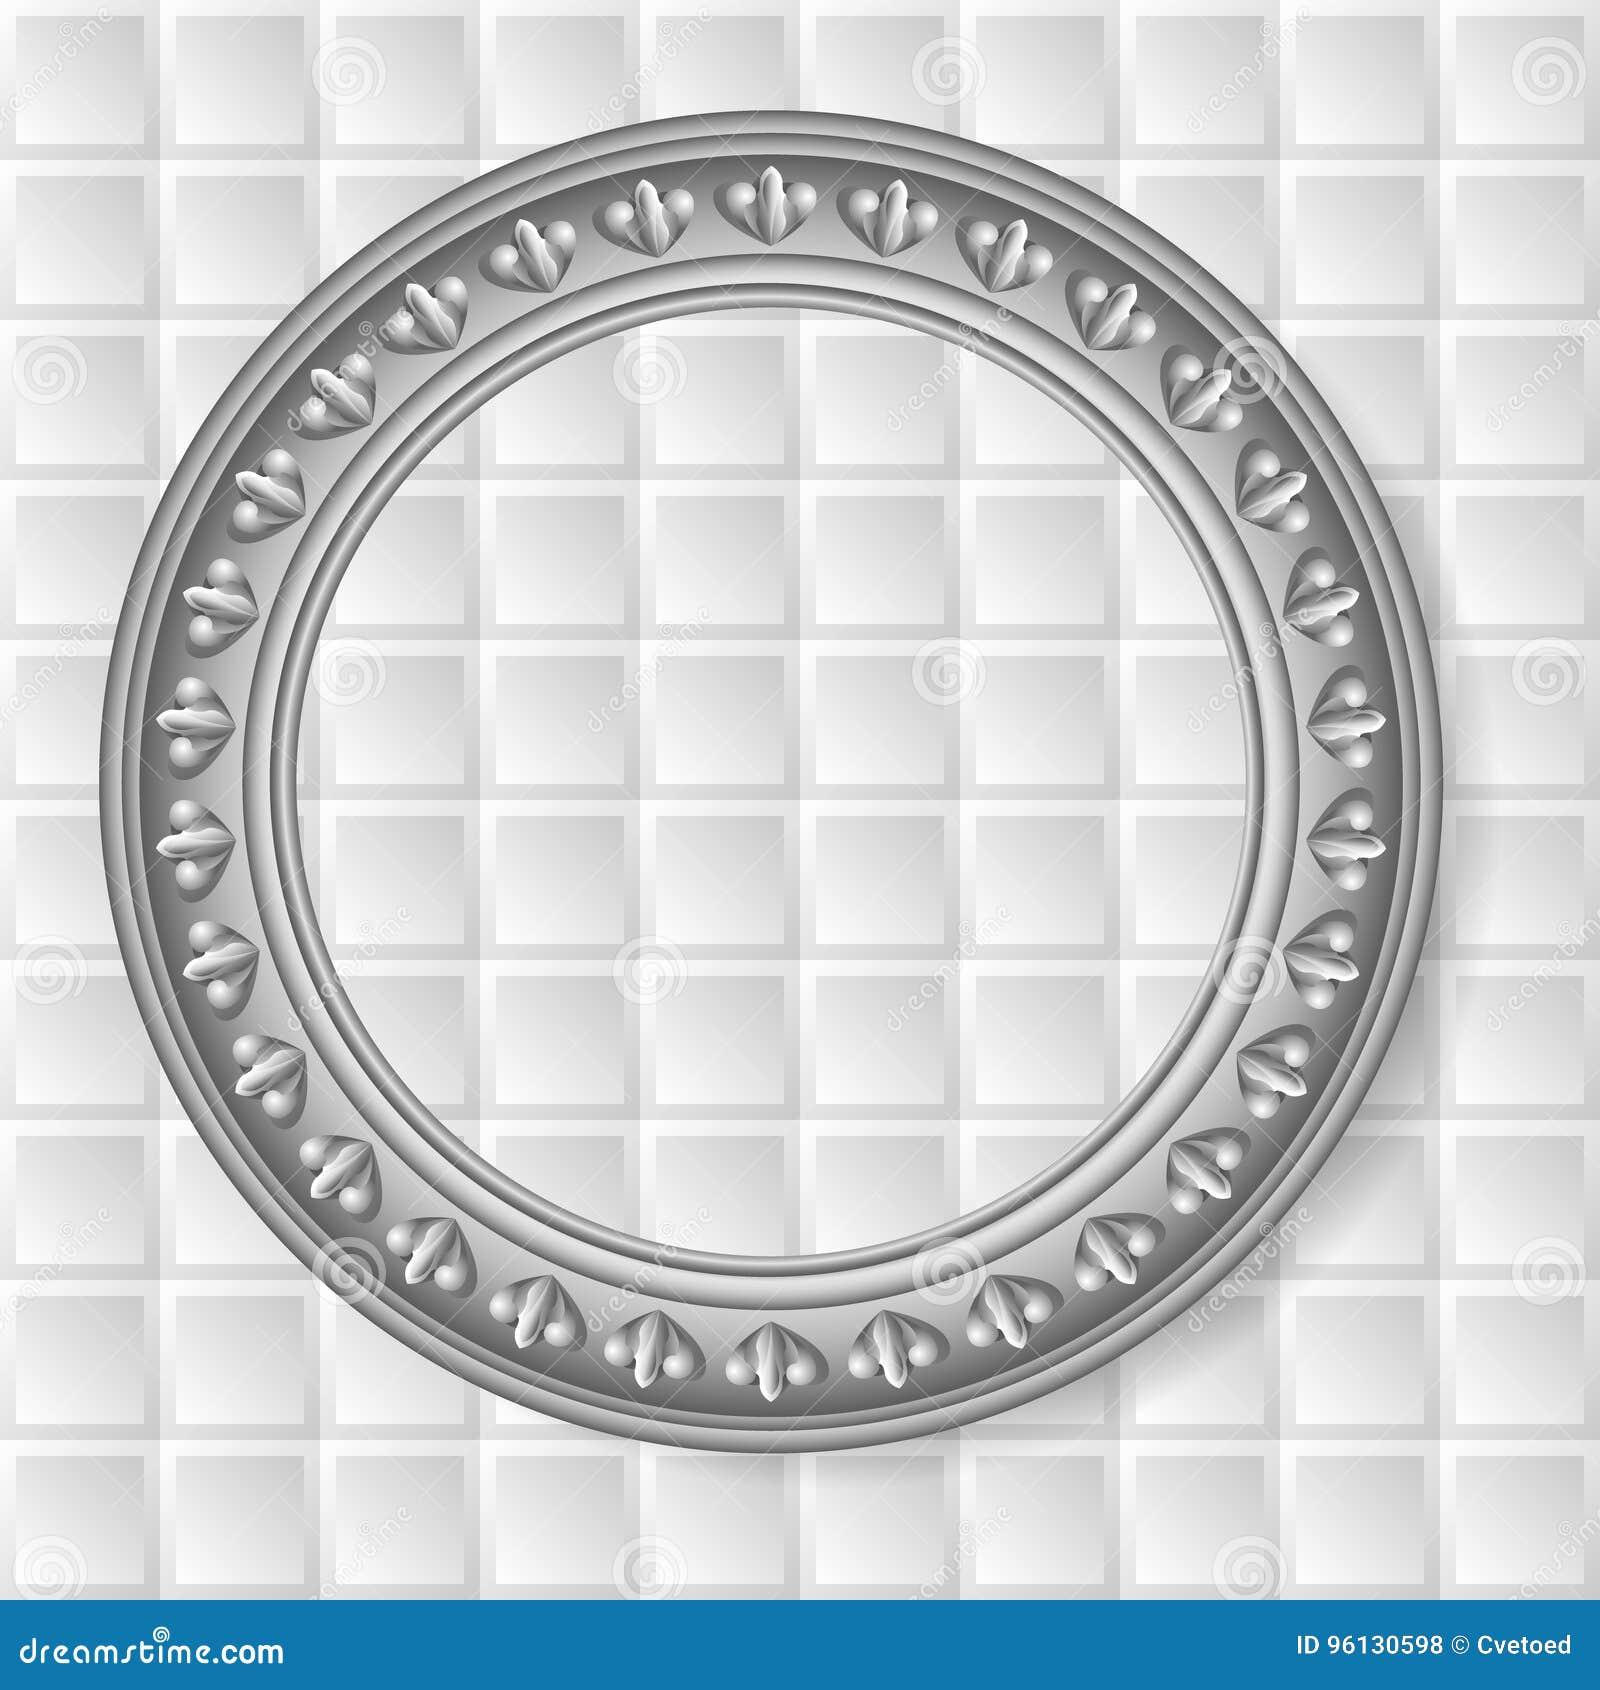 Vector gray circular frame